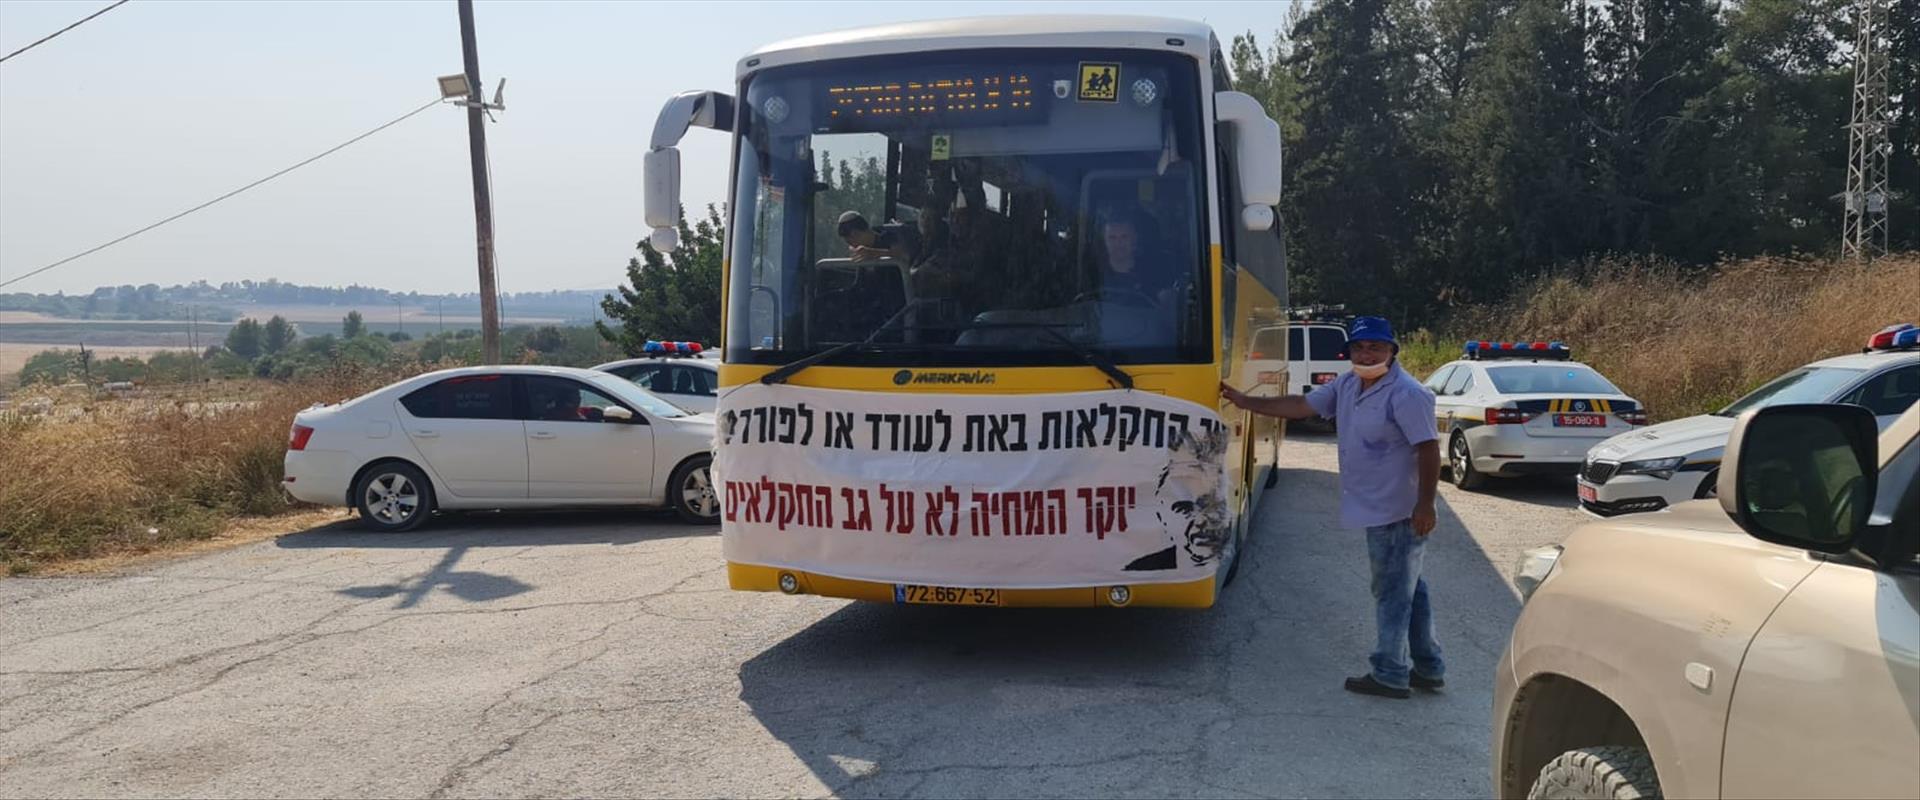 אוטובוס שעושה את דרכו לירושלים, היום